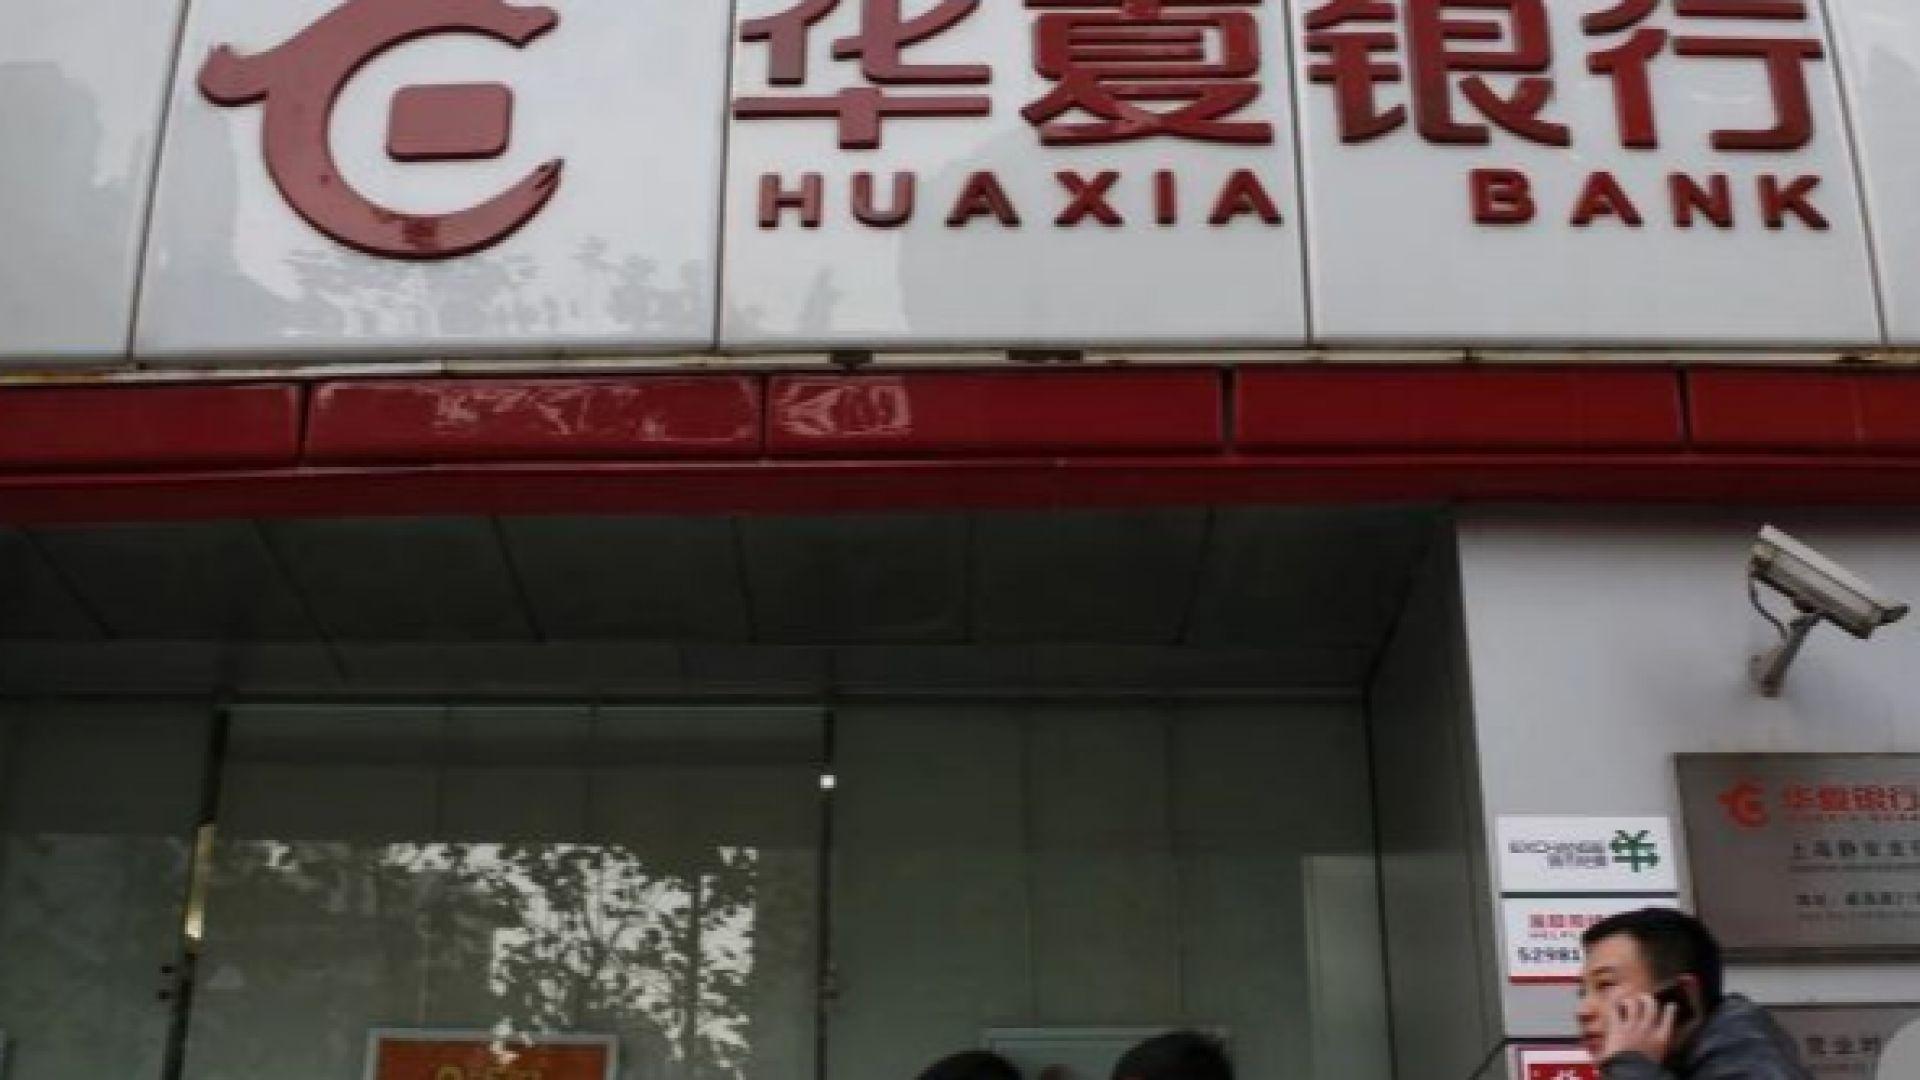 Китайски програмист прибра $1 милион от банка с хитър трик